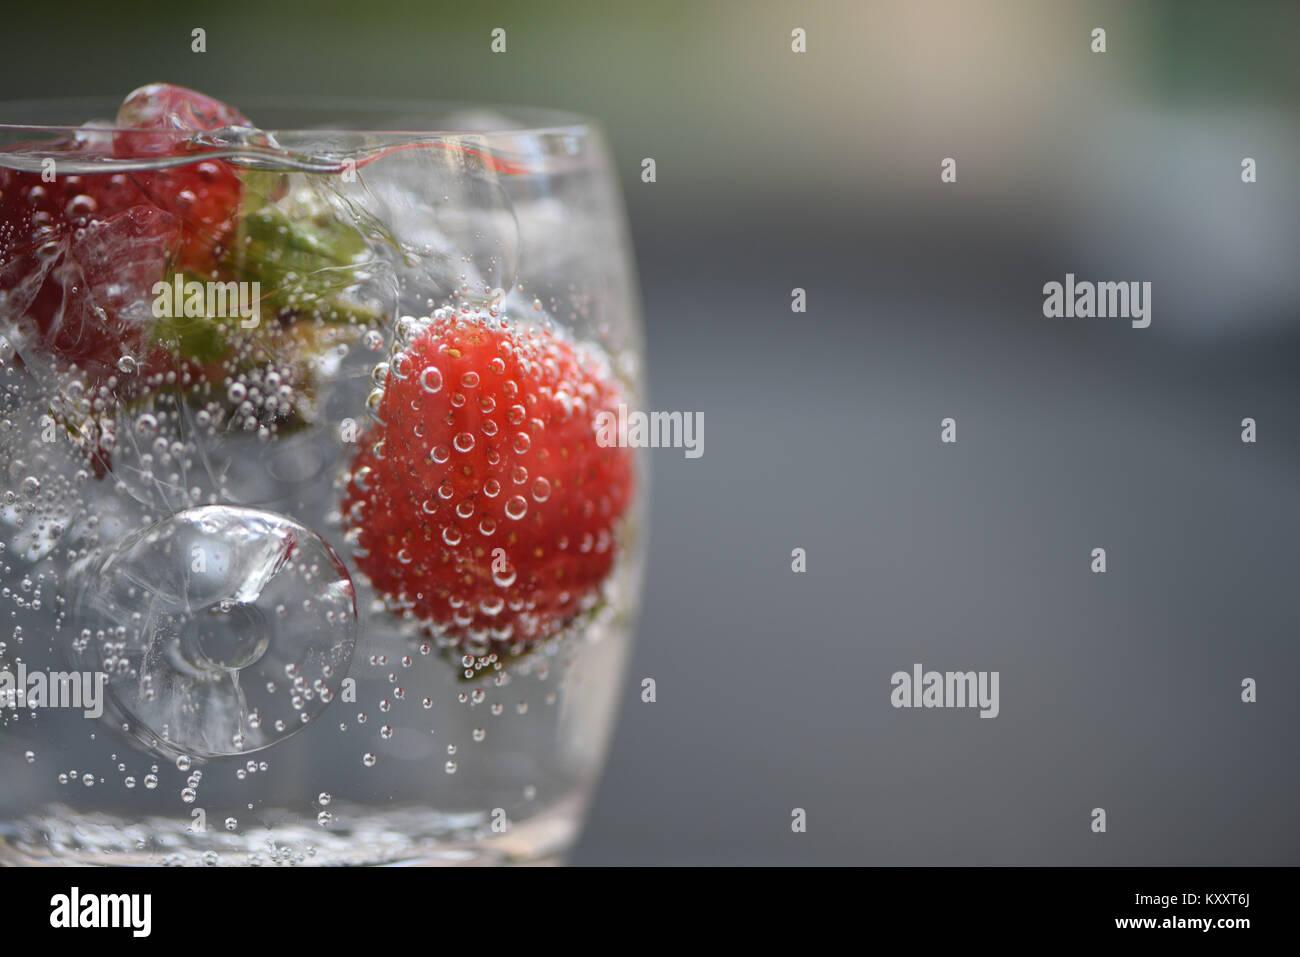 Comida y bebida refrescante cerca de macro fotografía imagen de fruto rojo fresa en una copa de espumoso de Imagen De Stock